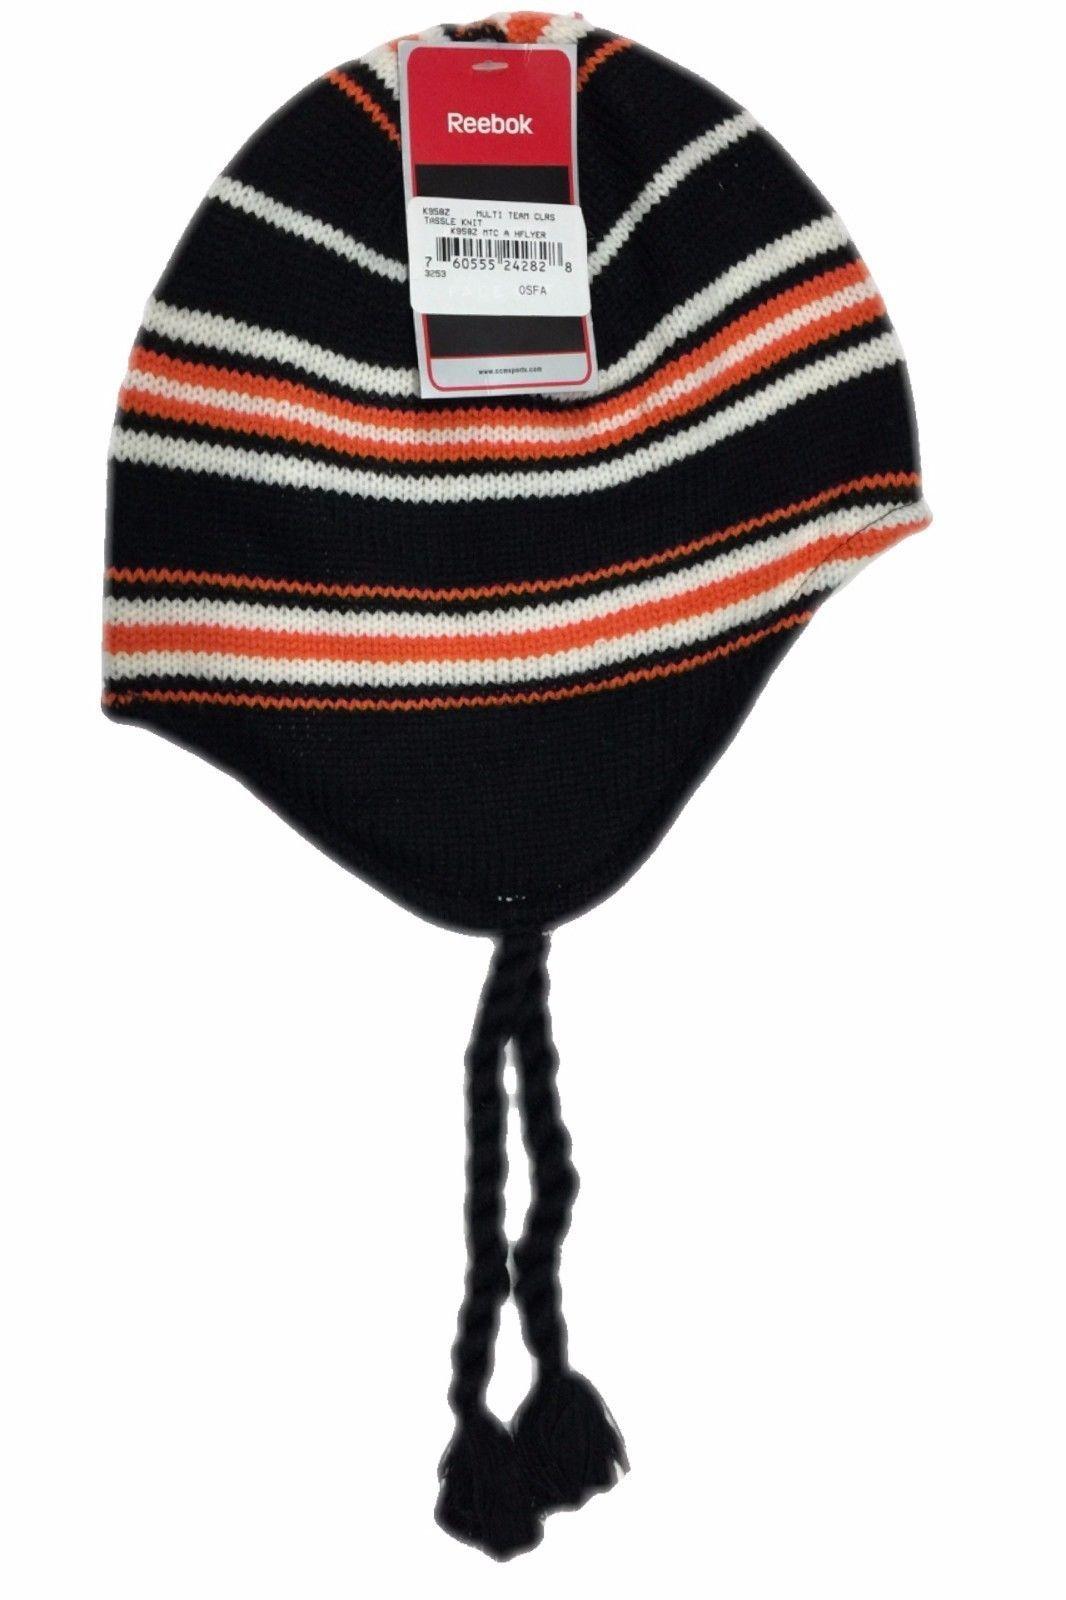 446d4b90b2c8cf Philadelphia Flyers NHL Winter Knit Fitted Reebok Beanie Hat W/Tassels NWT  Osfm